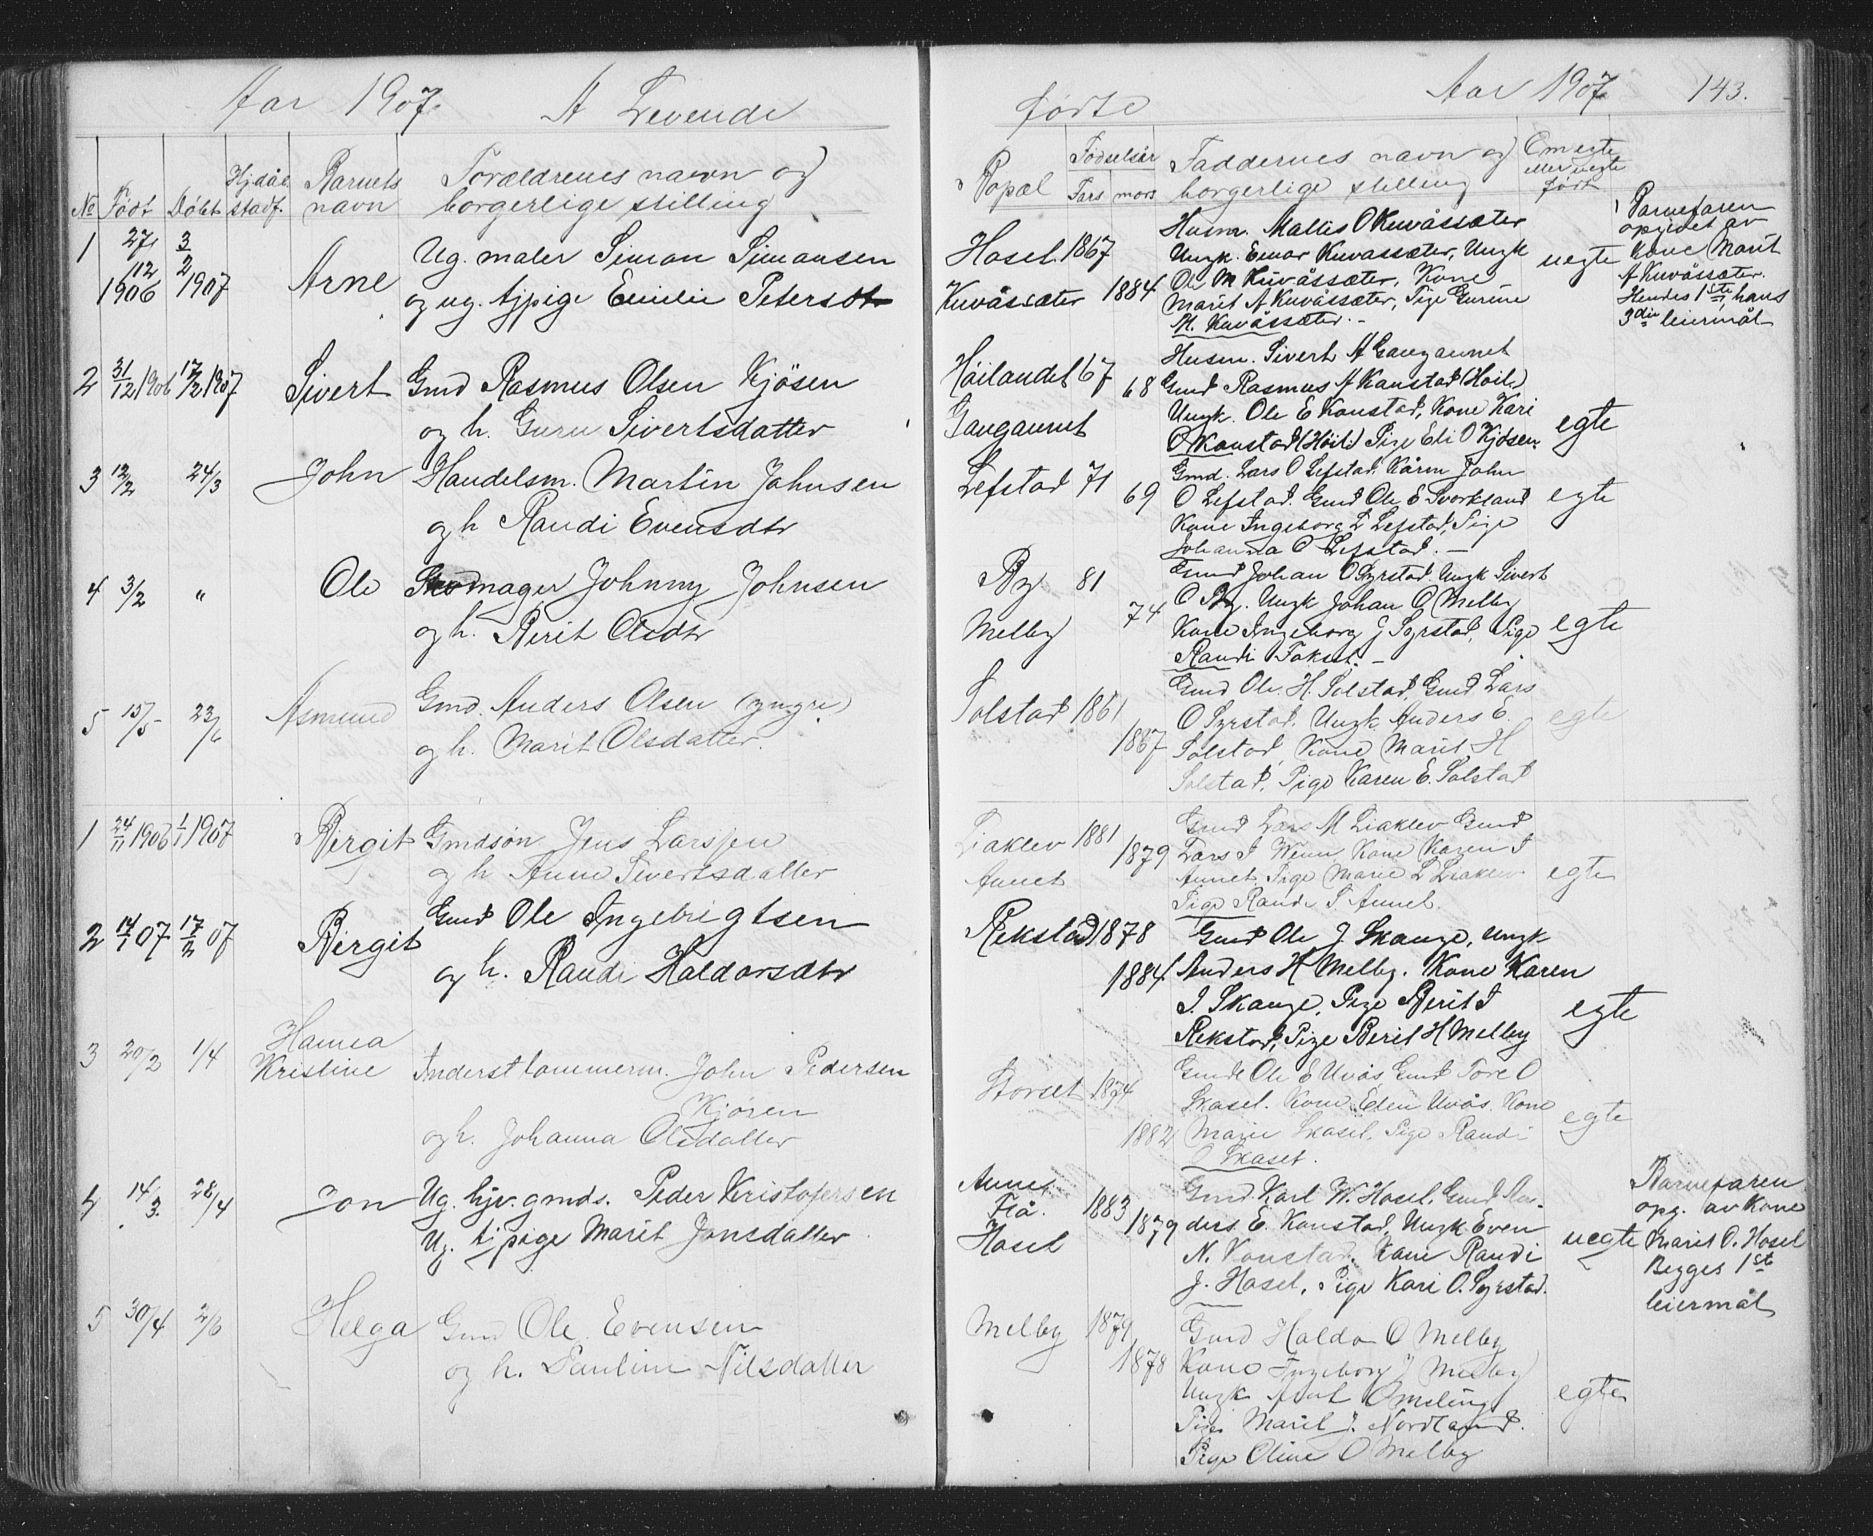 SAT, Ministerialprotokoller, klokkerbøker og fødselsregistre - Sør-Trøndelag, 667/L0798: Klokkerbok nr. 667C03, 1867-1929, s. 143